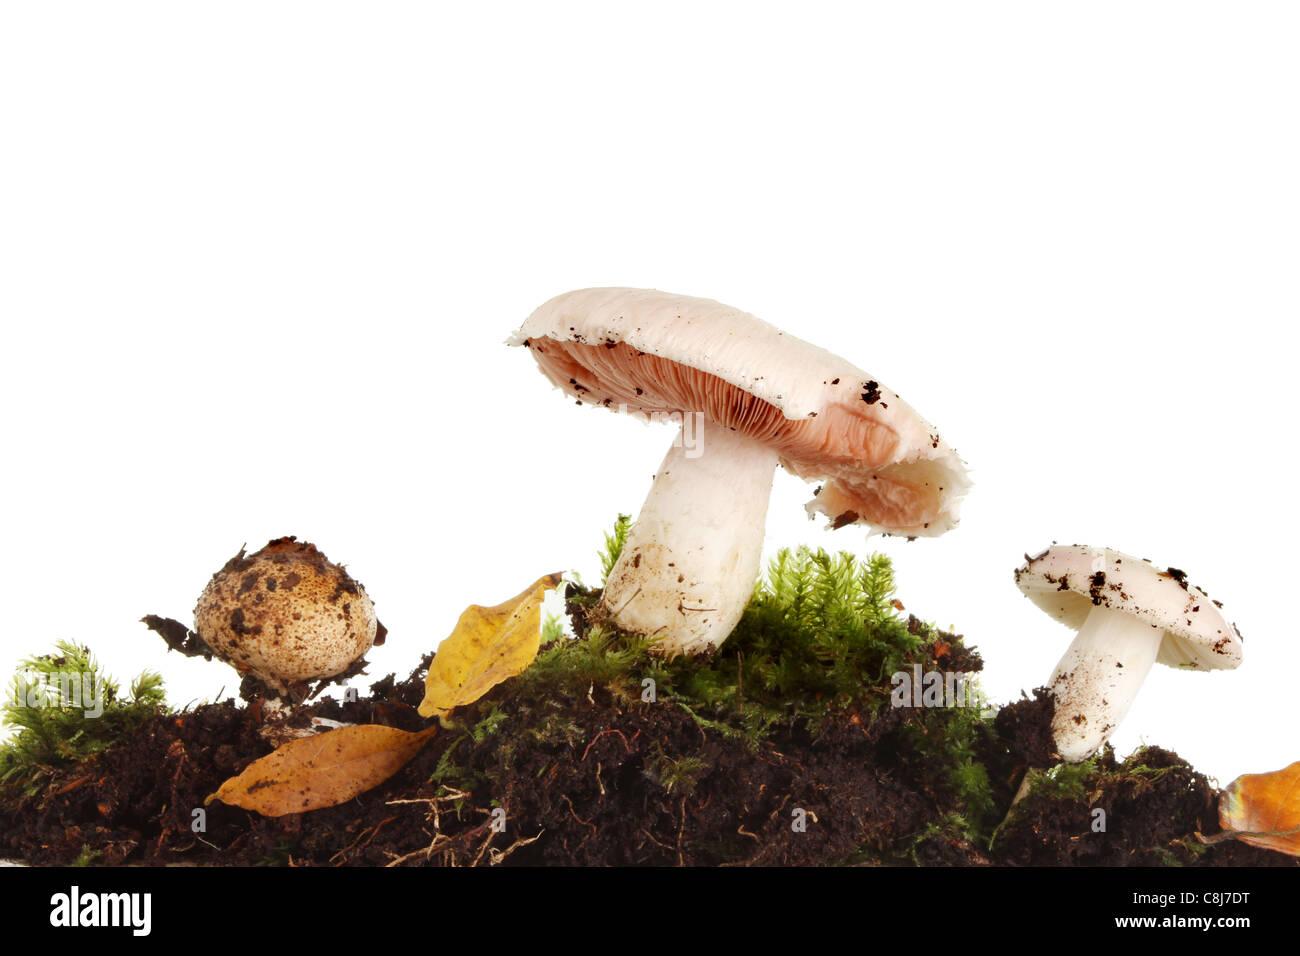 Gruppo di funghi di funghi selvatici, toadstool e puff ball tra il muschio e foglie di autunno Foto Stock